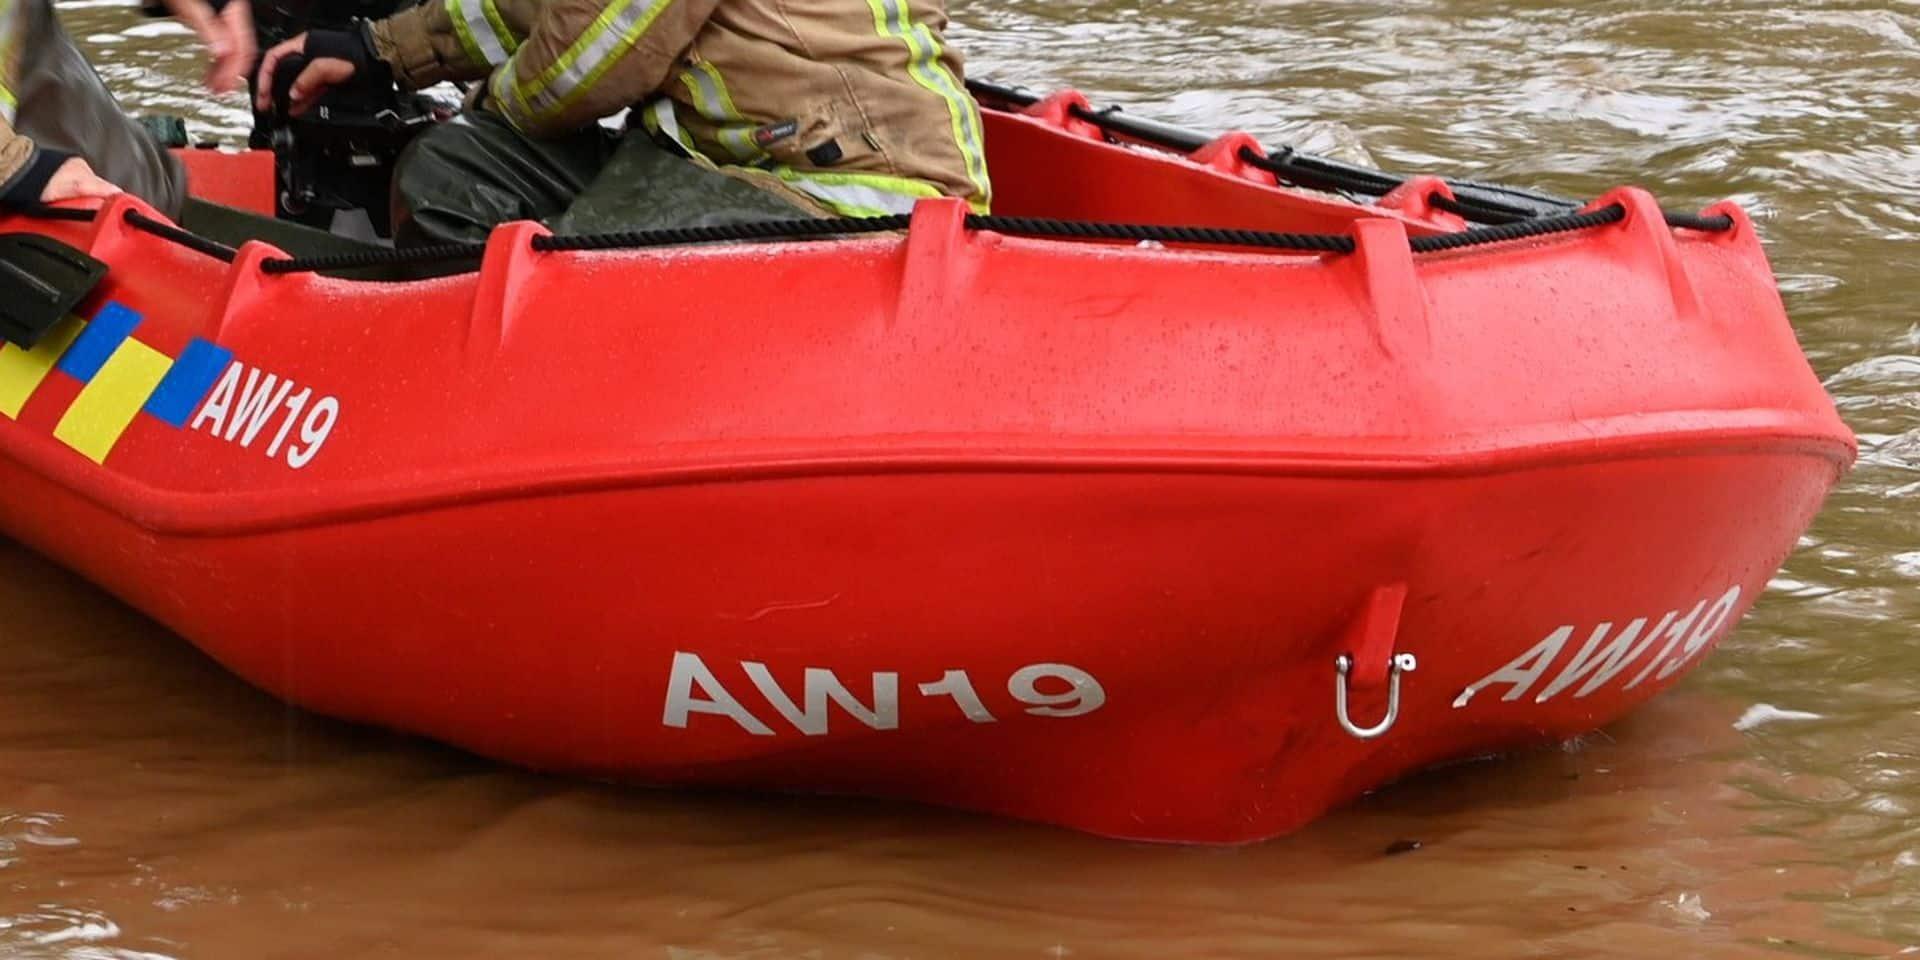 Une barque des services de secours chavire à Pepinster, trois personnes portées disparues